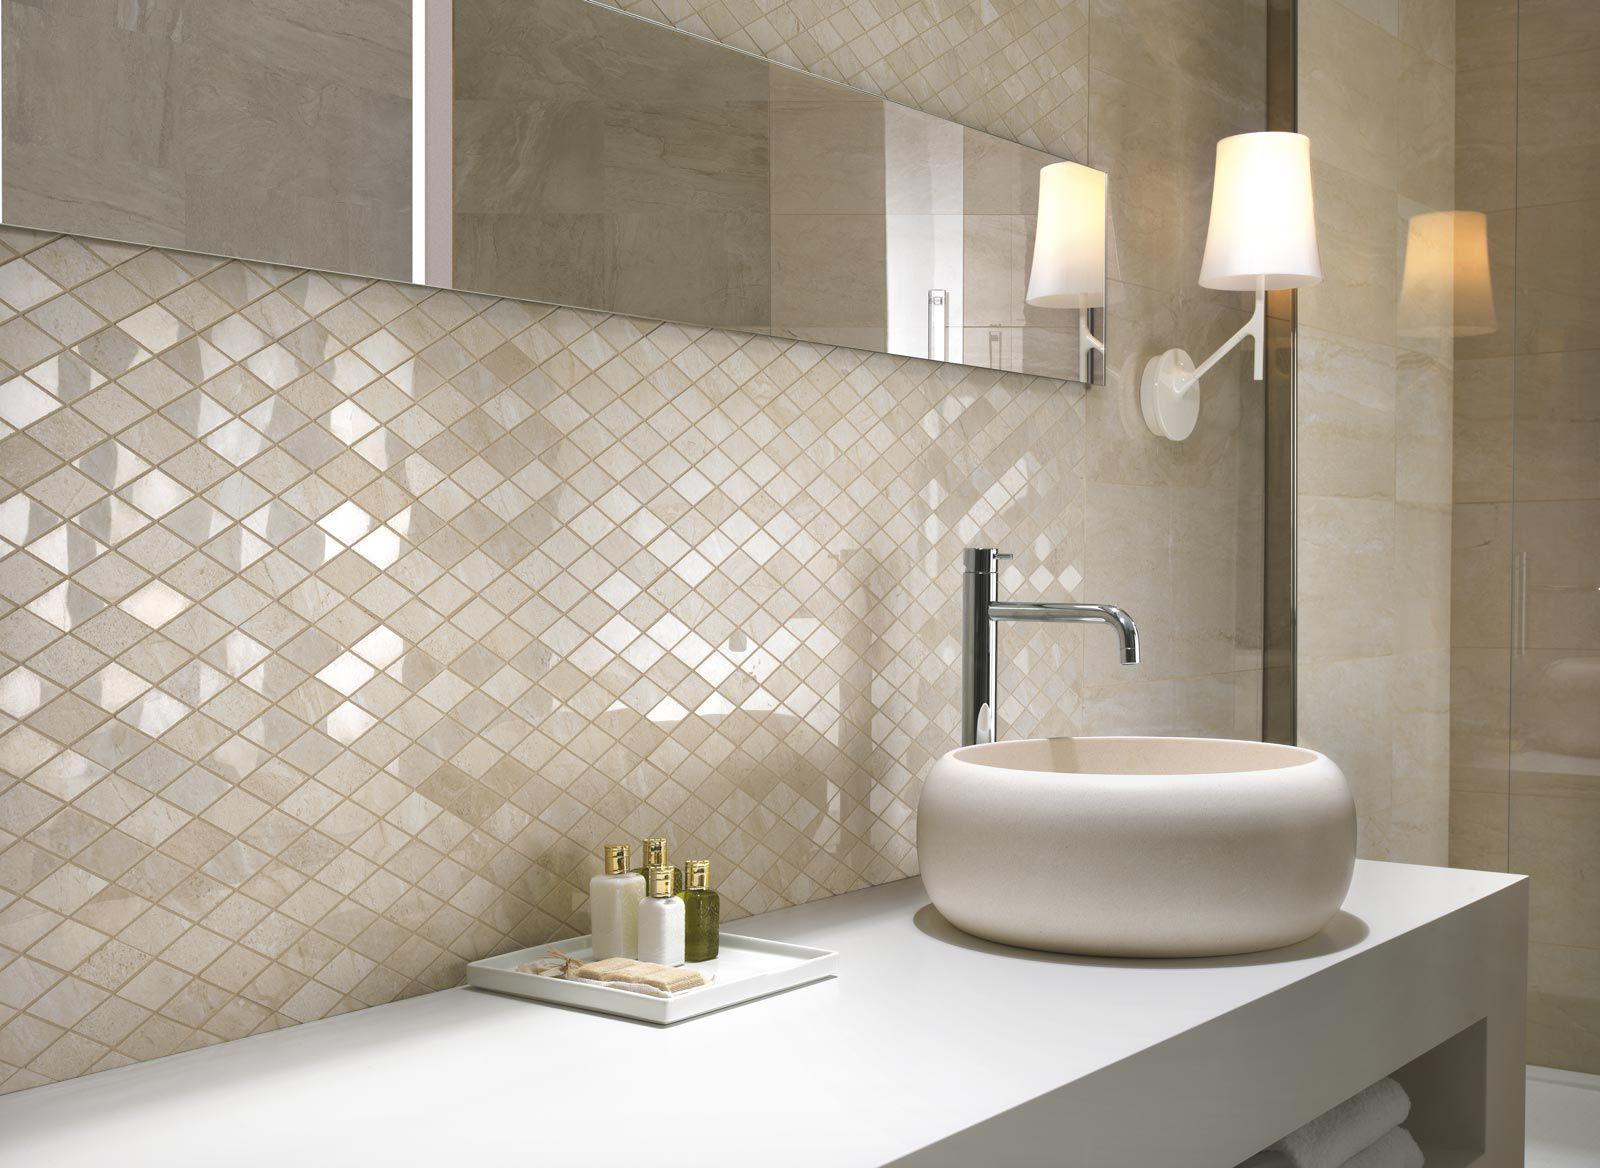 rivestimenti per cucina - Cerca con Google | idee per il bagno ...